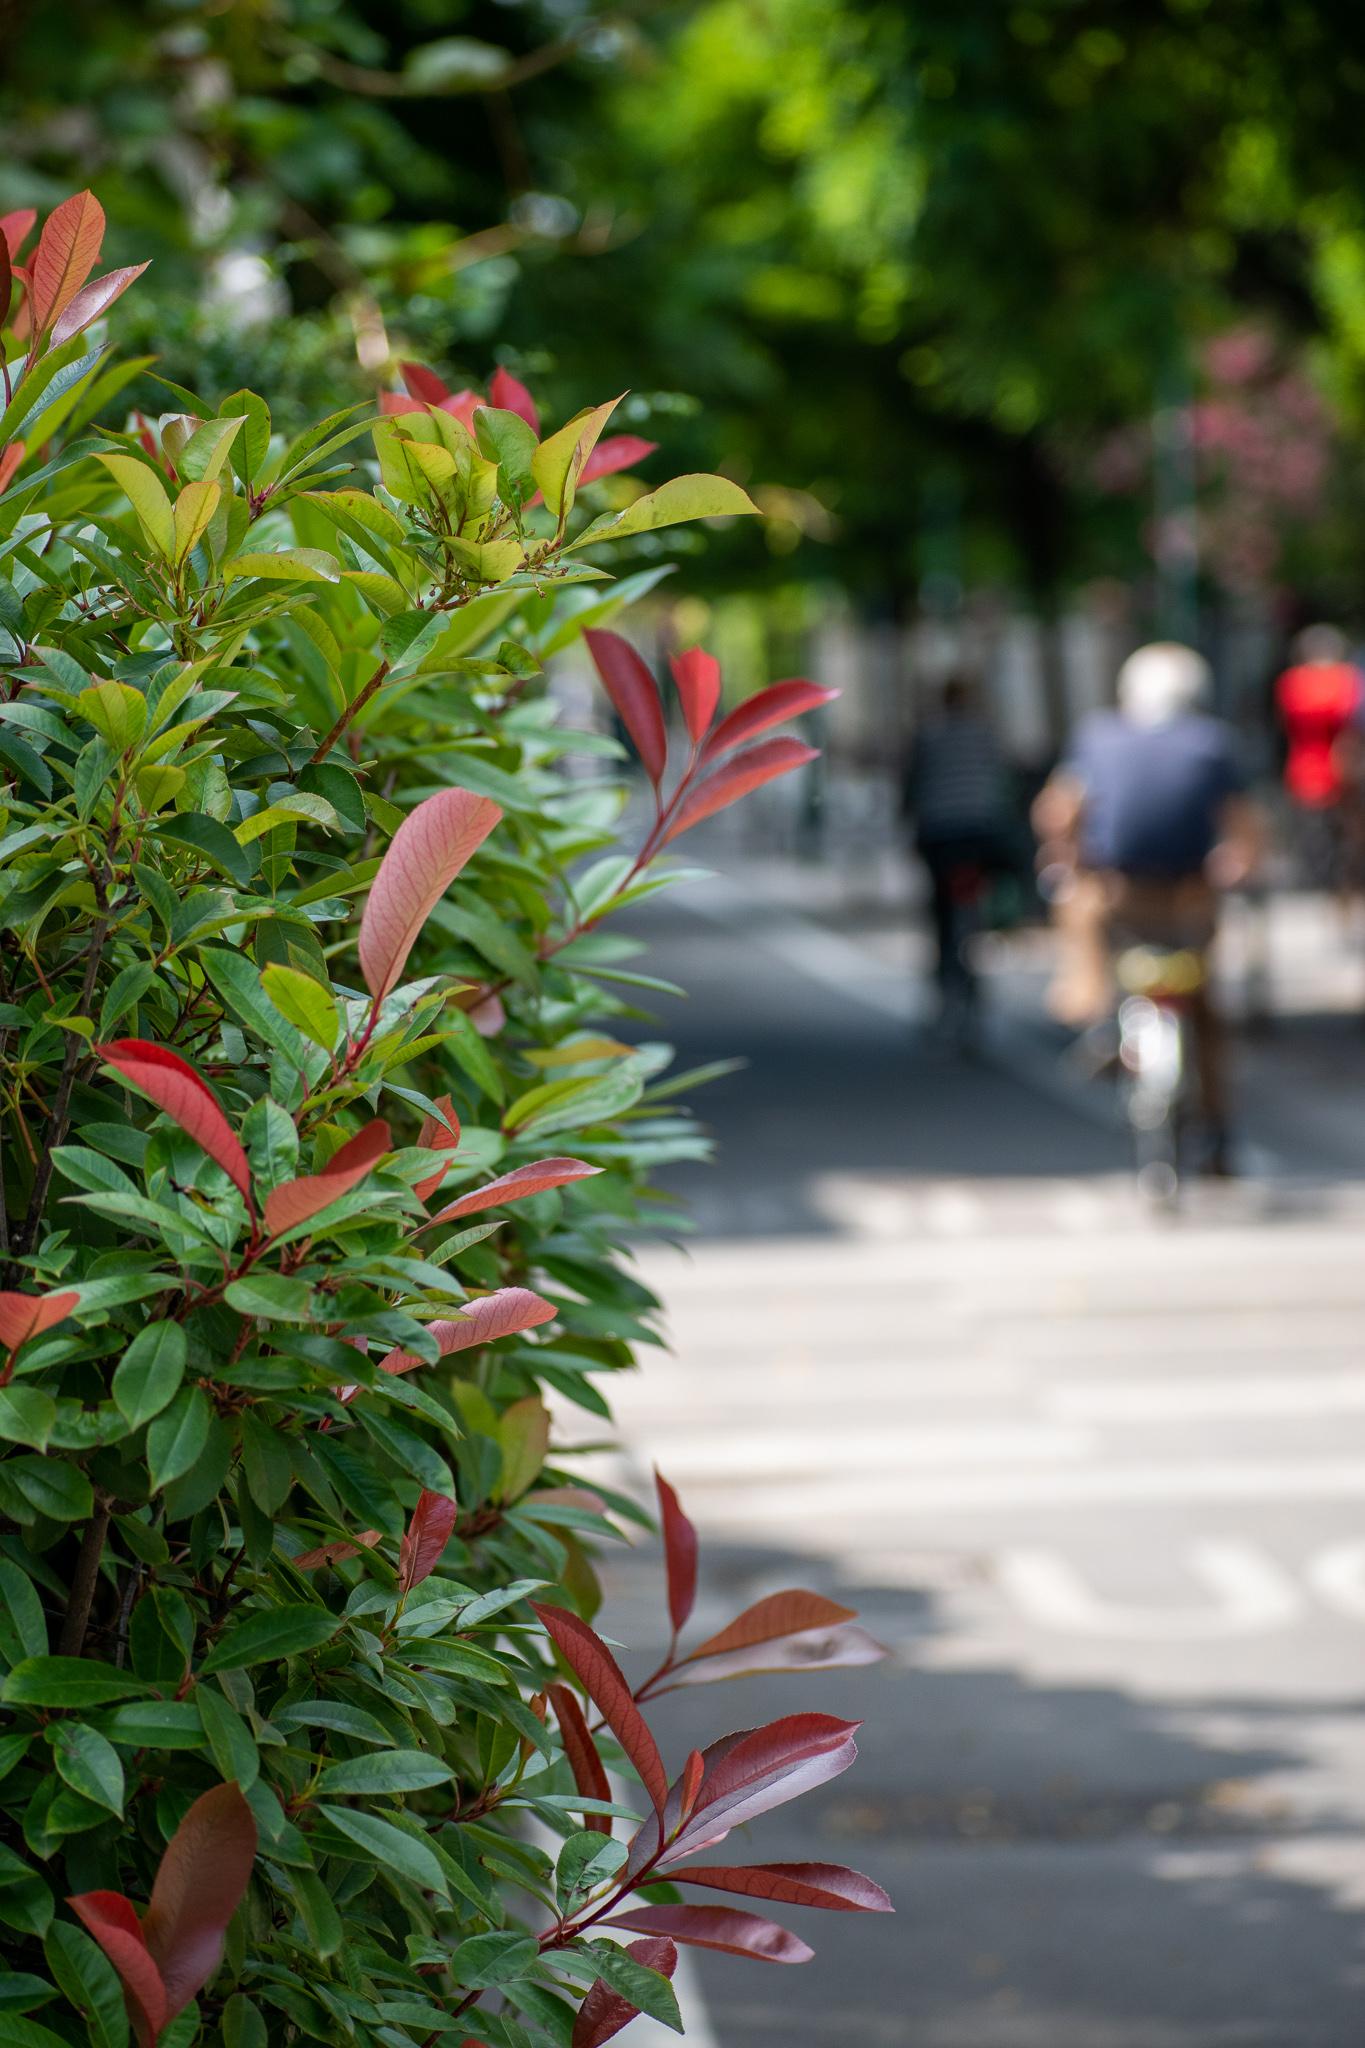 Anche se non sei un ciclista professionista, è importante ricordarsi che il corpo, durante una biciclettata, si ritrova a consumare energie e calorie che normalmente si bruciano in diversi giorni. Chi vuole la bicicletta deve saper pedalare ma anche saper mangiare nel modo migliore, per evitare sforzi eccessivi al proprio organismo.  Per non avere brutte sorprese durante la tua giornata in bicicletta lungo le piste ciclabili di Mestre,  a colazione è consigliabile fare scorta di carboidrati: pane e marmellata o bacon con uova strapazzate. Ovviamente almeno tre ore prima di iniziare a pedalare!